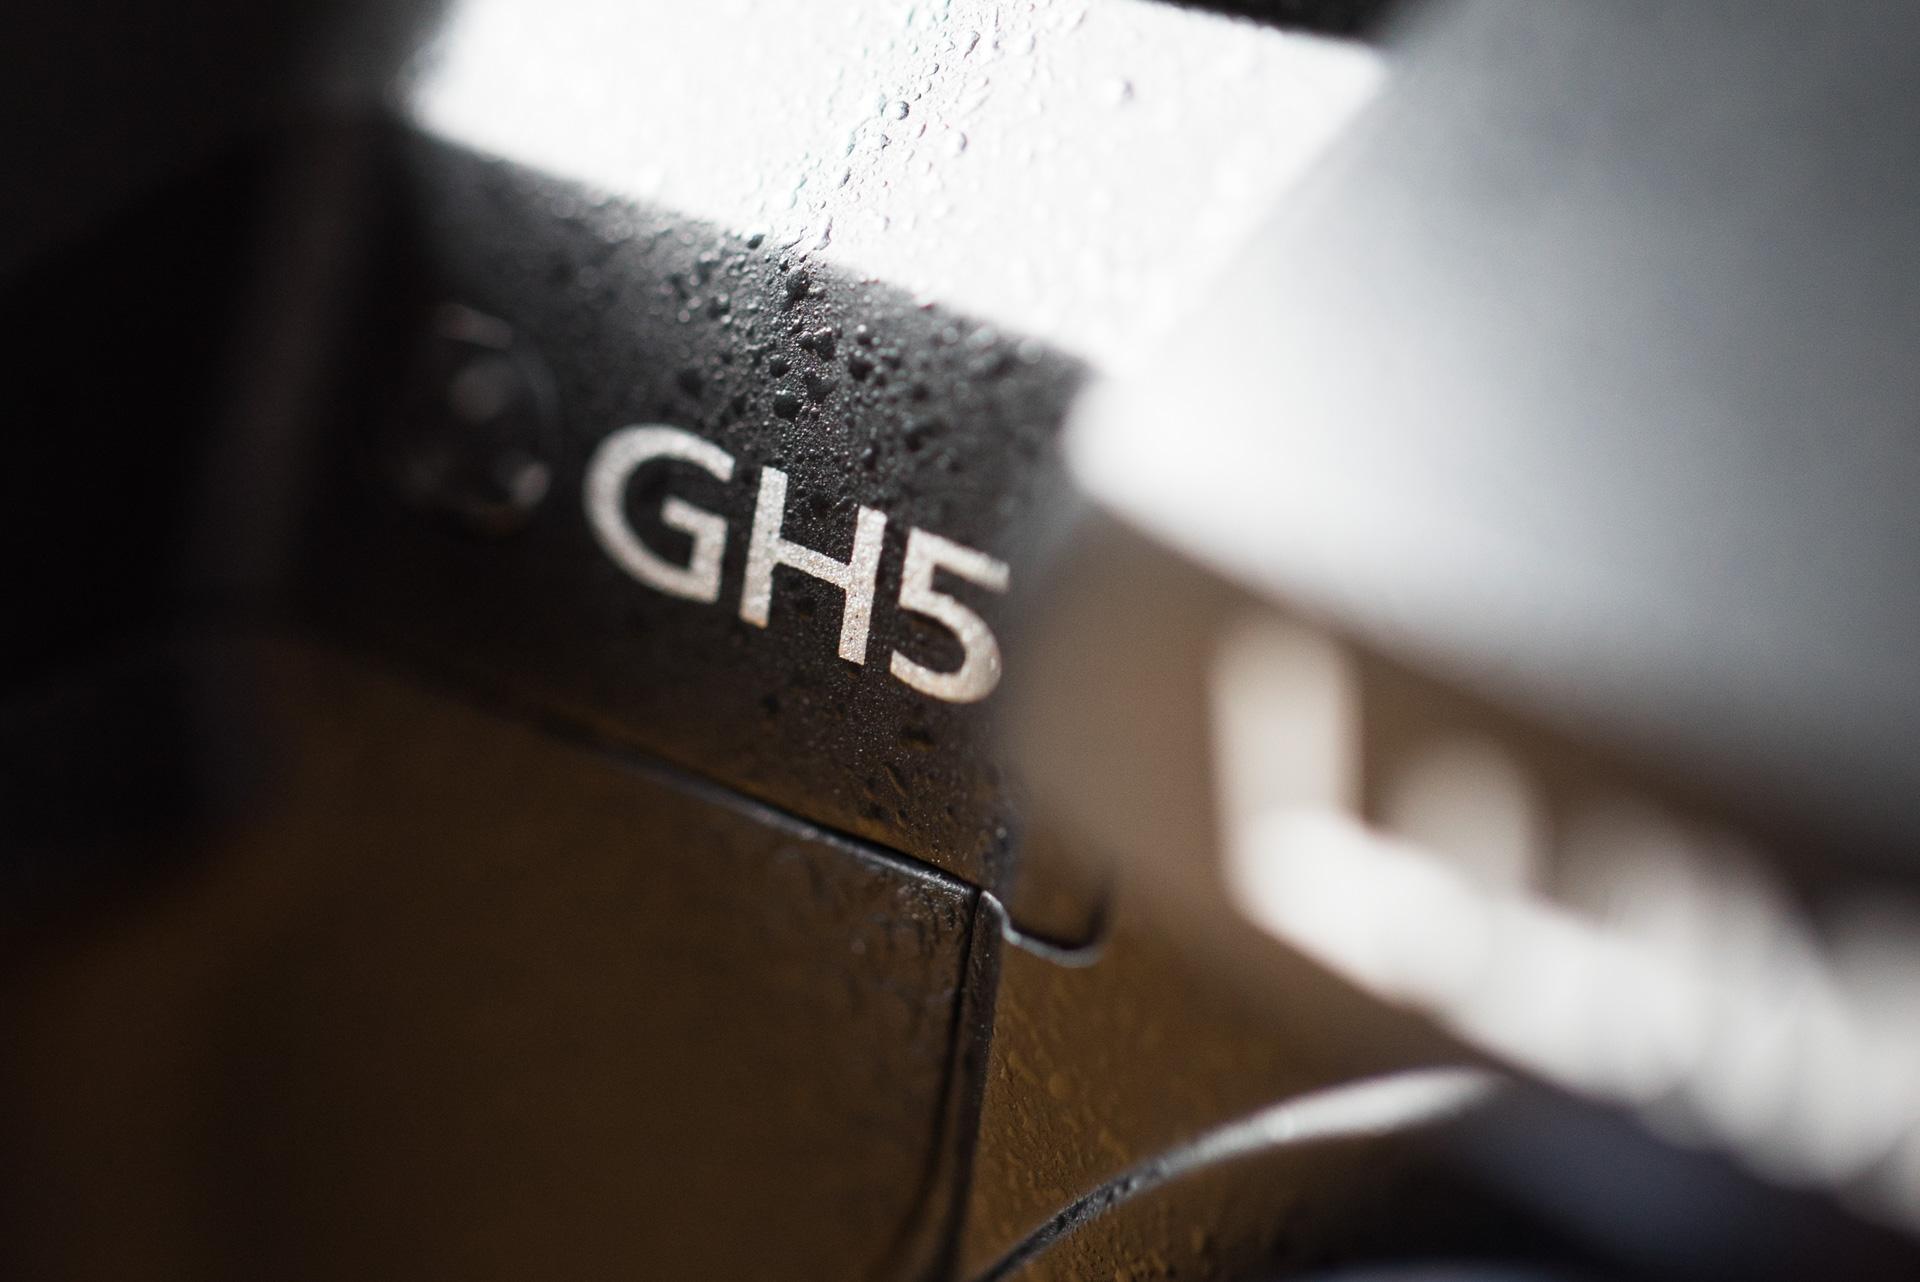 Panasonic gh5 release date in Brisbane